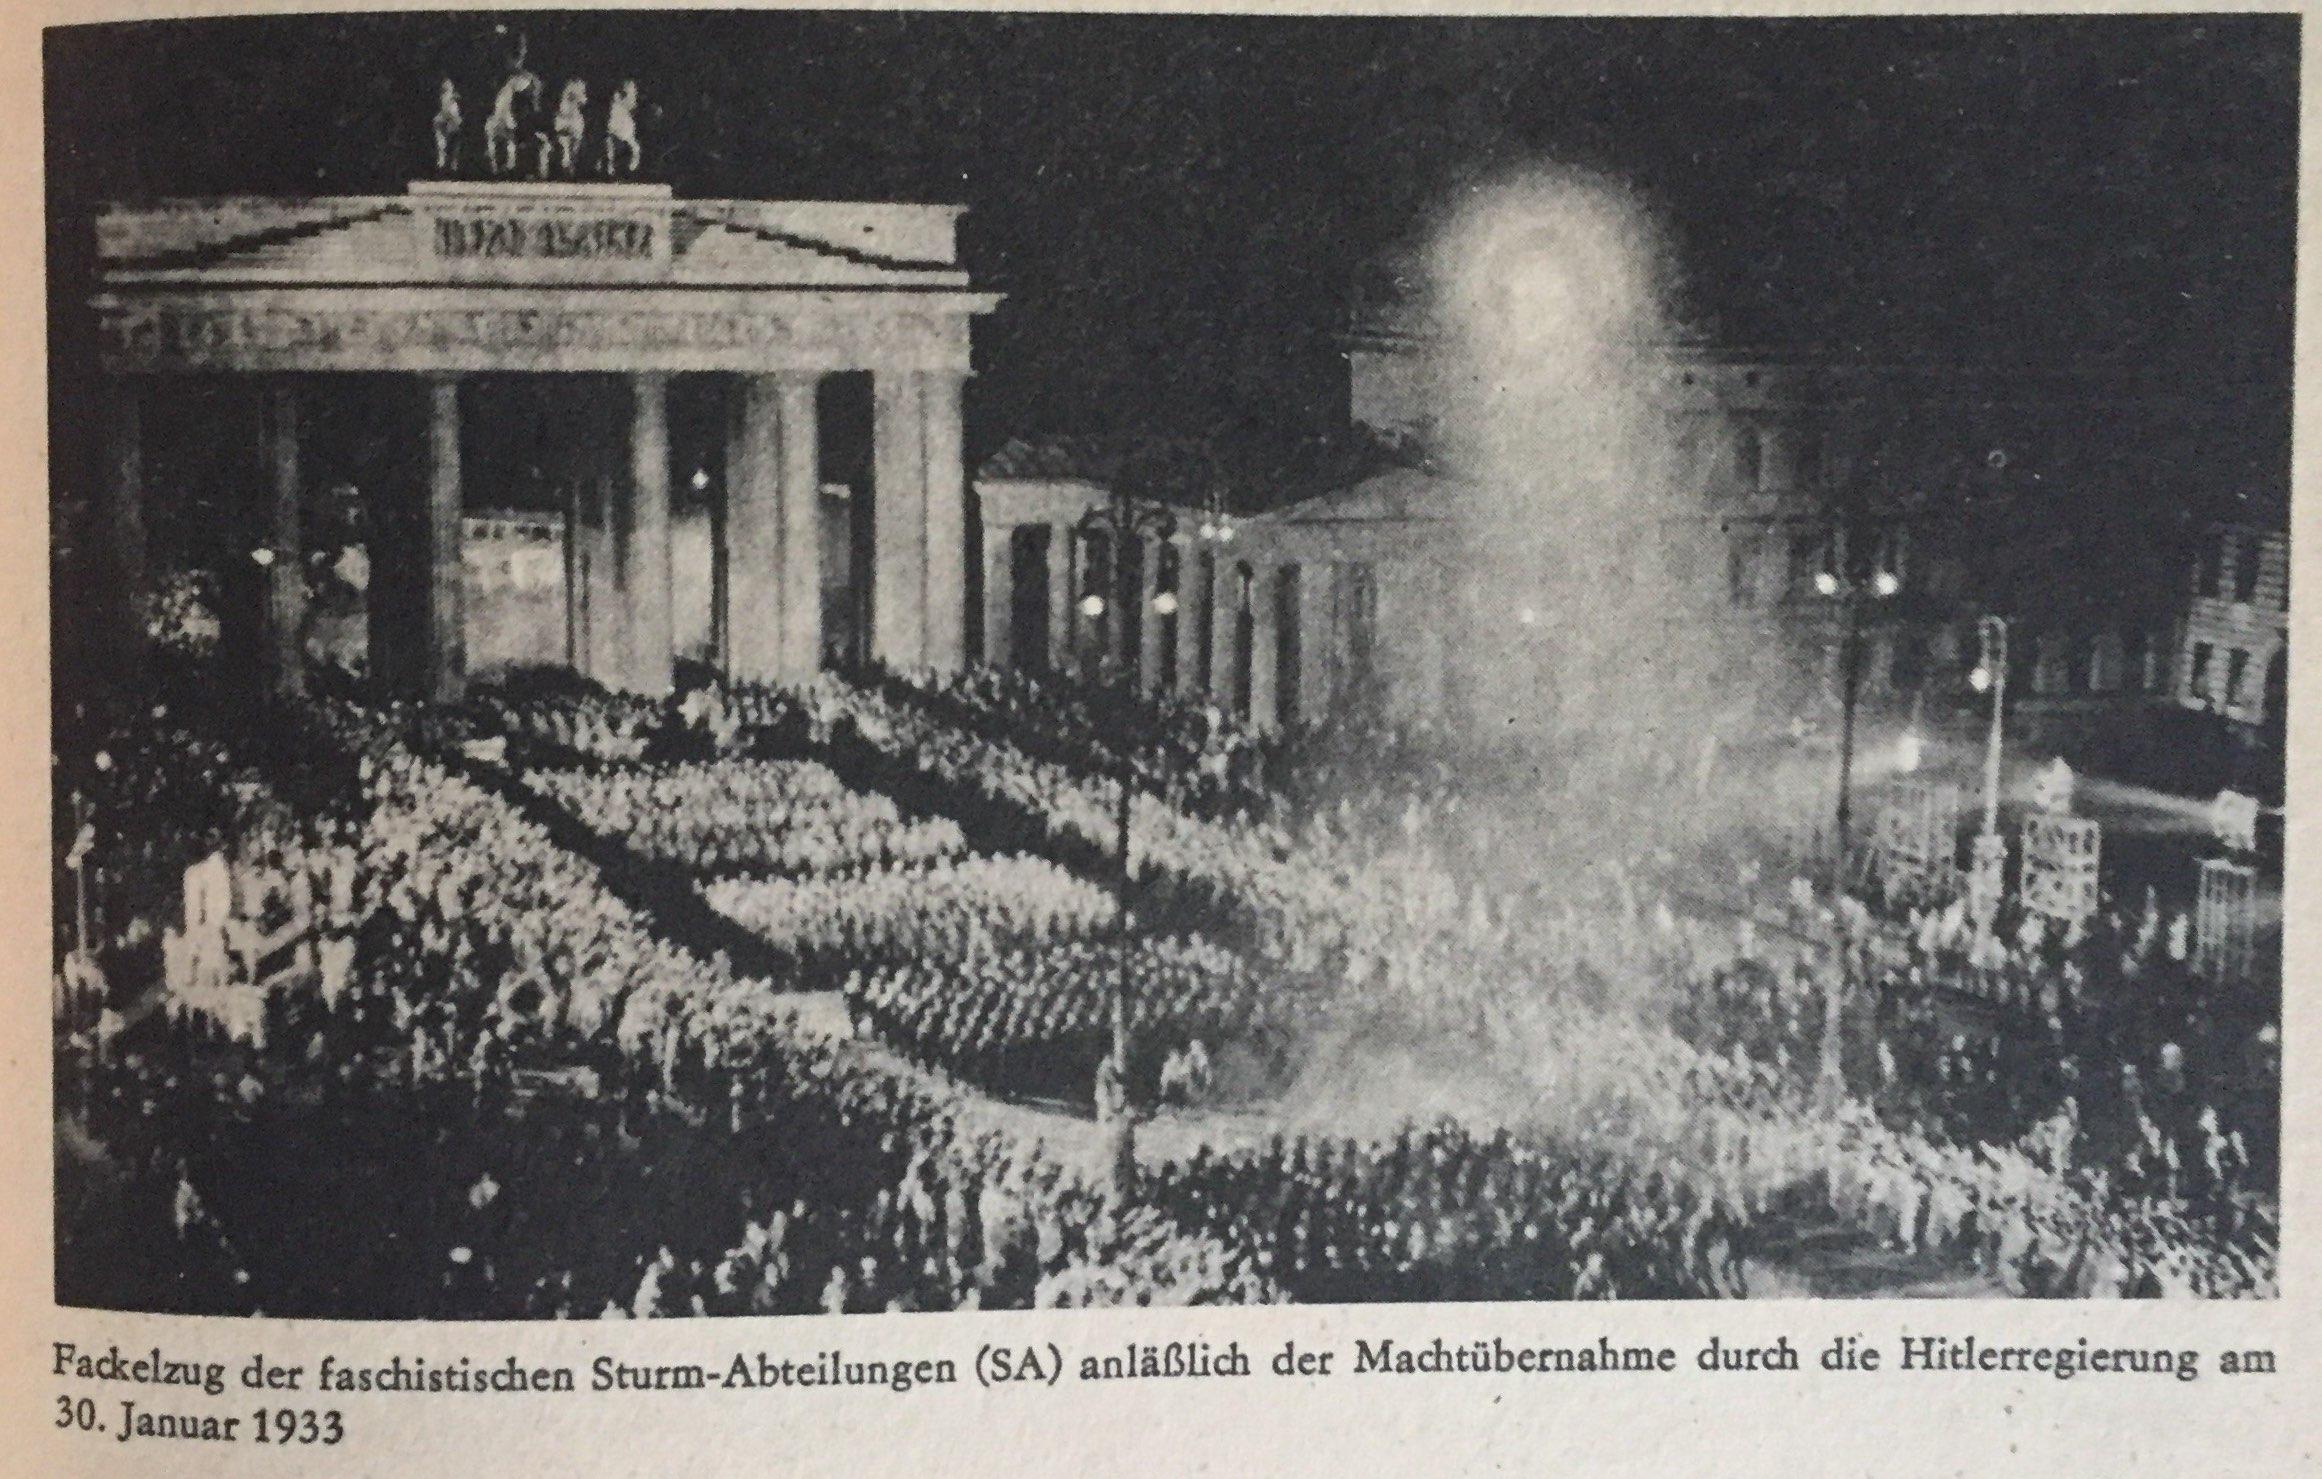 Die Errichtung und Festigung der faschistischen Diktatur in Deutschland